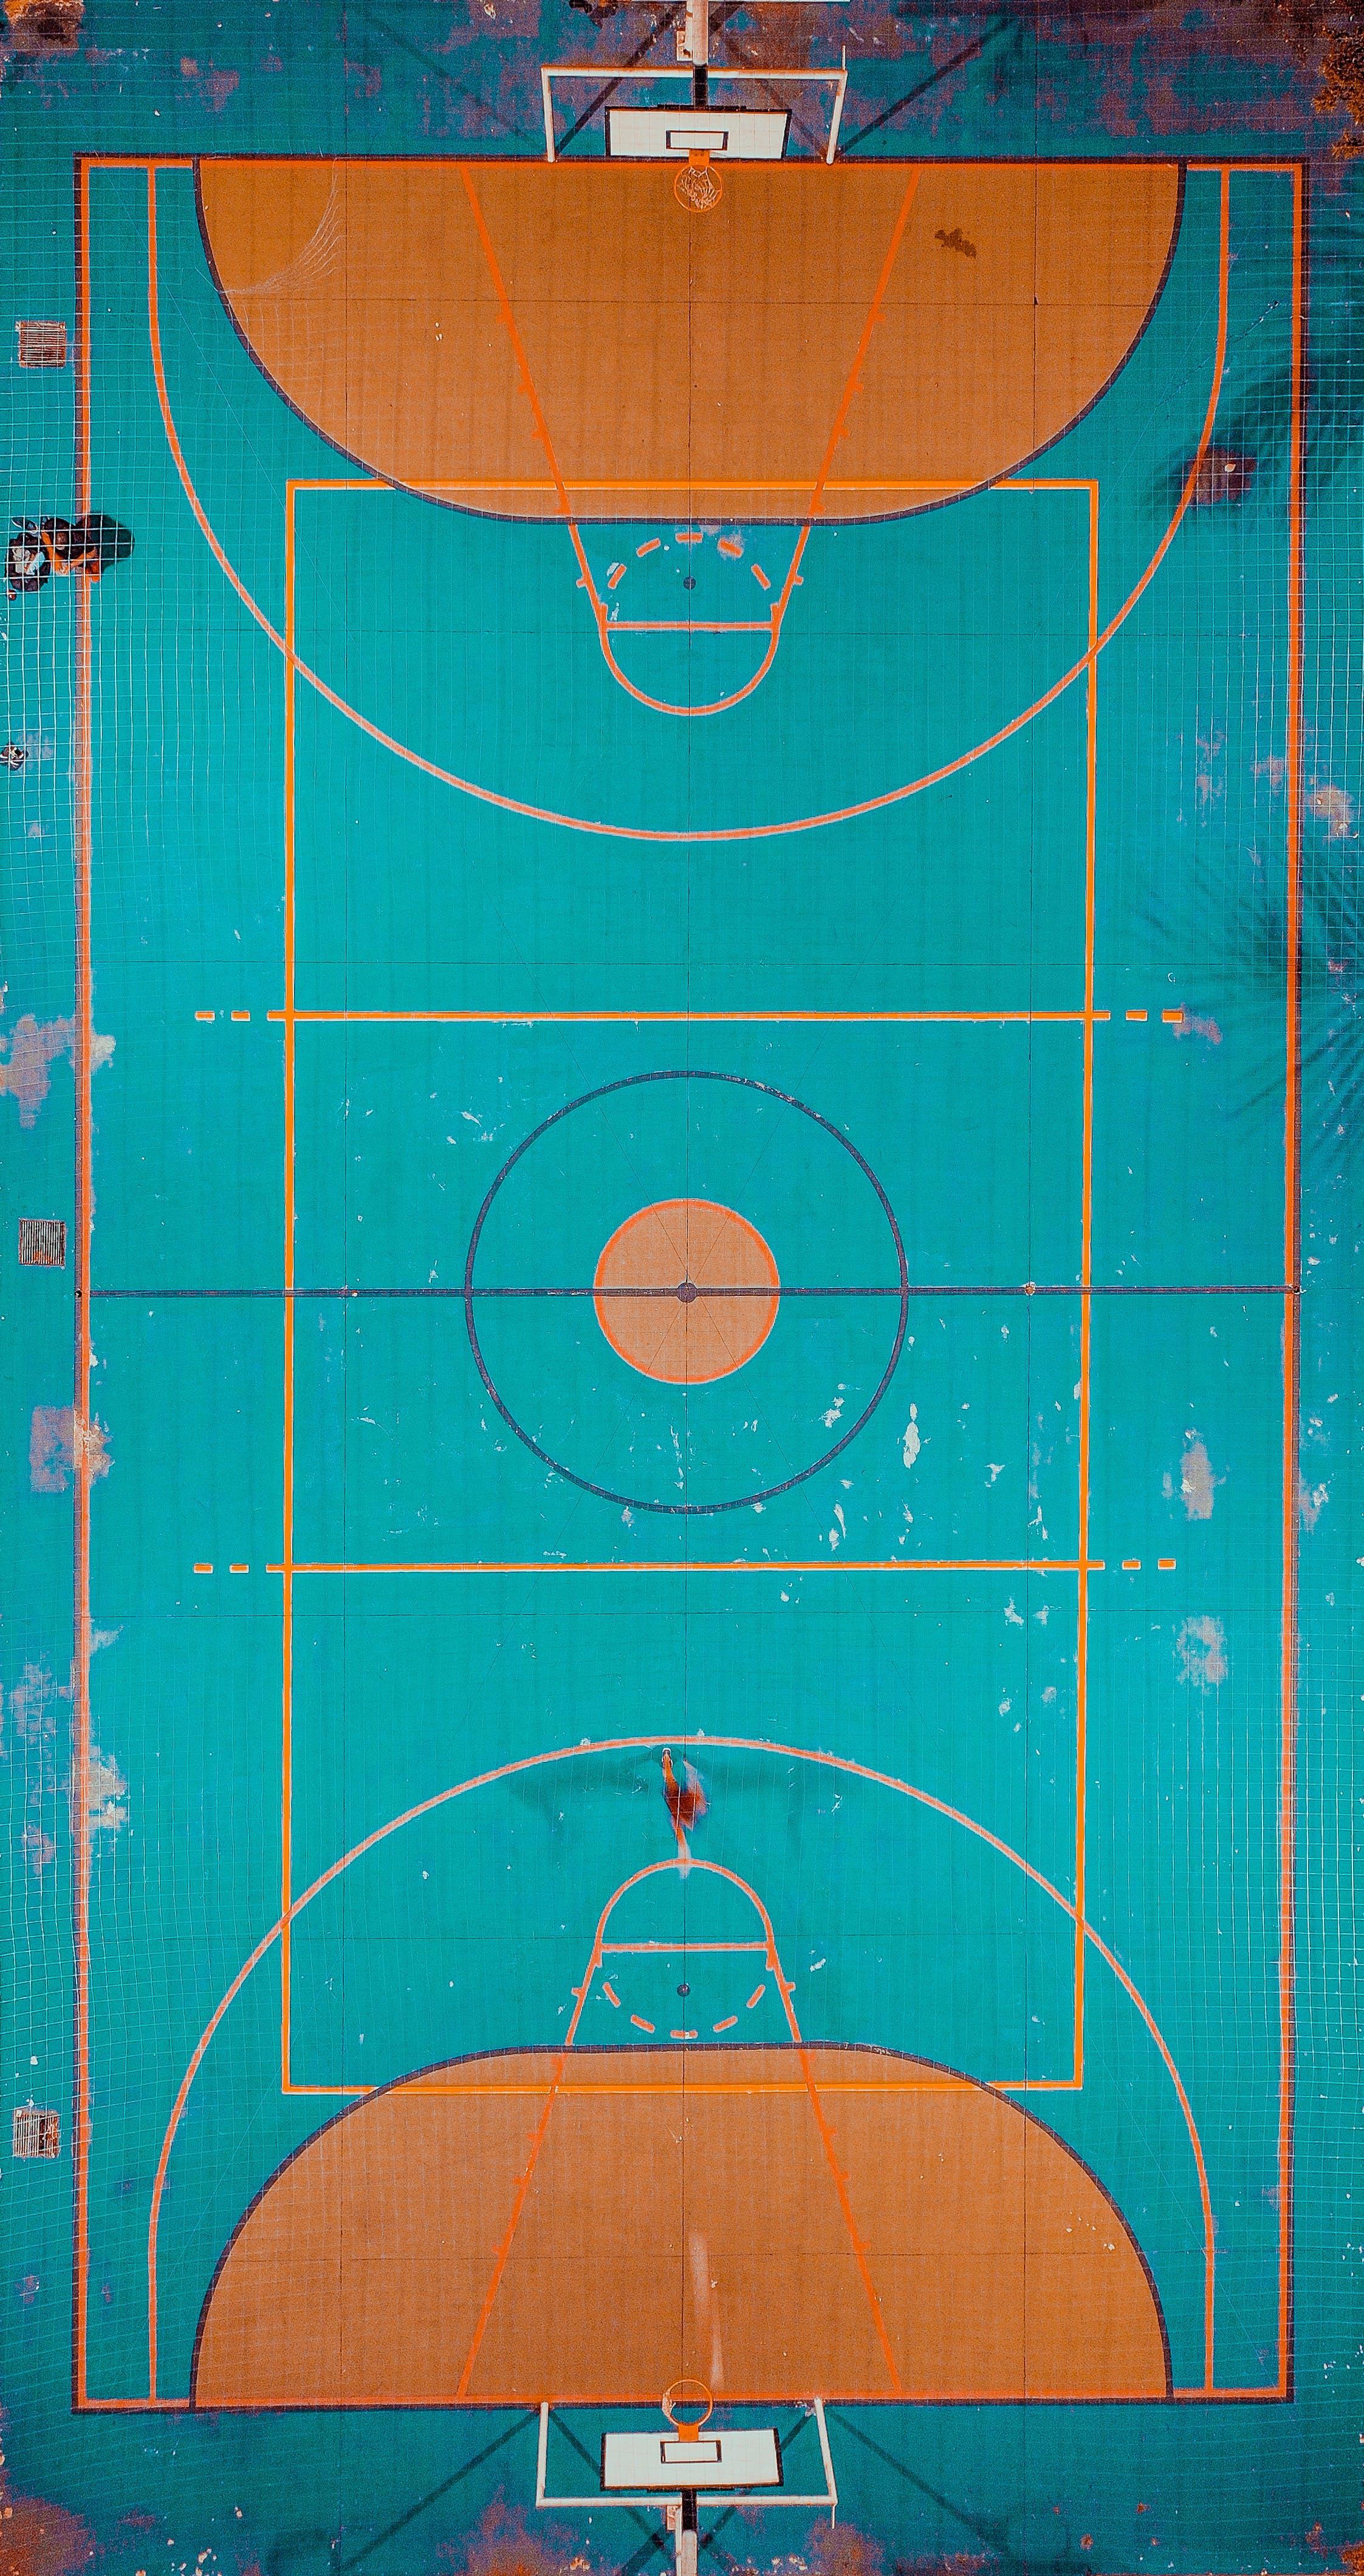 Fotos de stock gratuitas de desde arriba, foto aérea, juzgado, pista de baloncesto